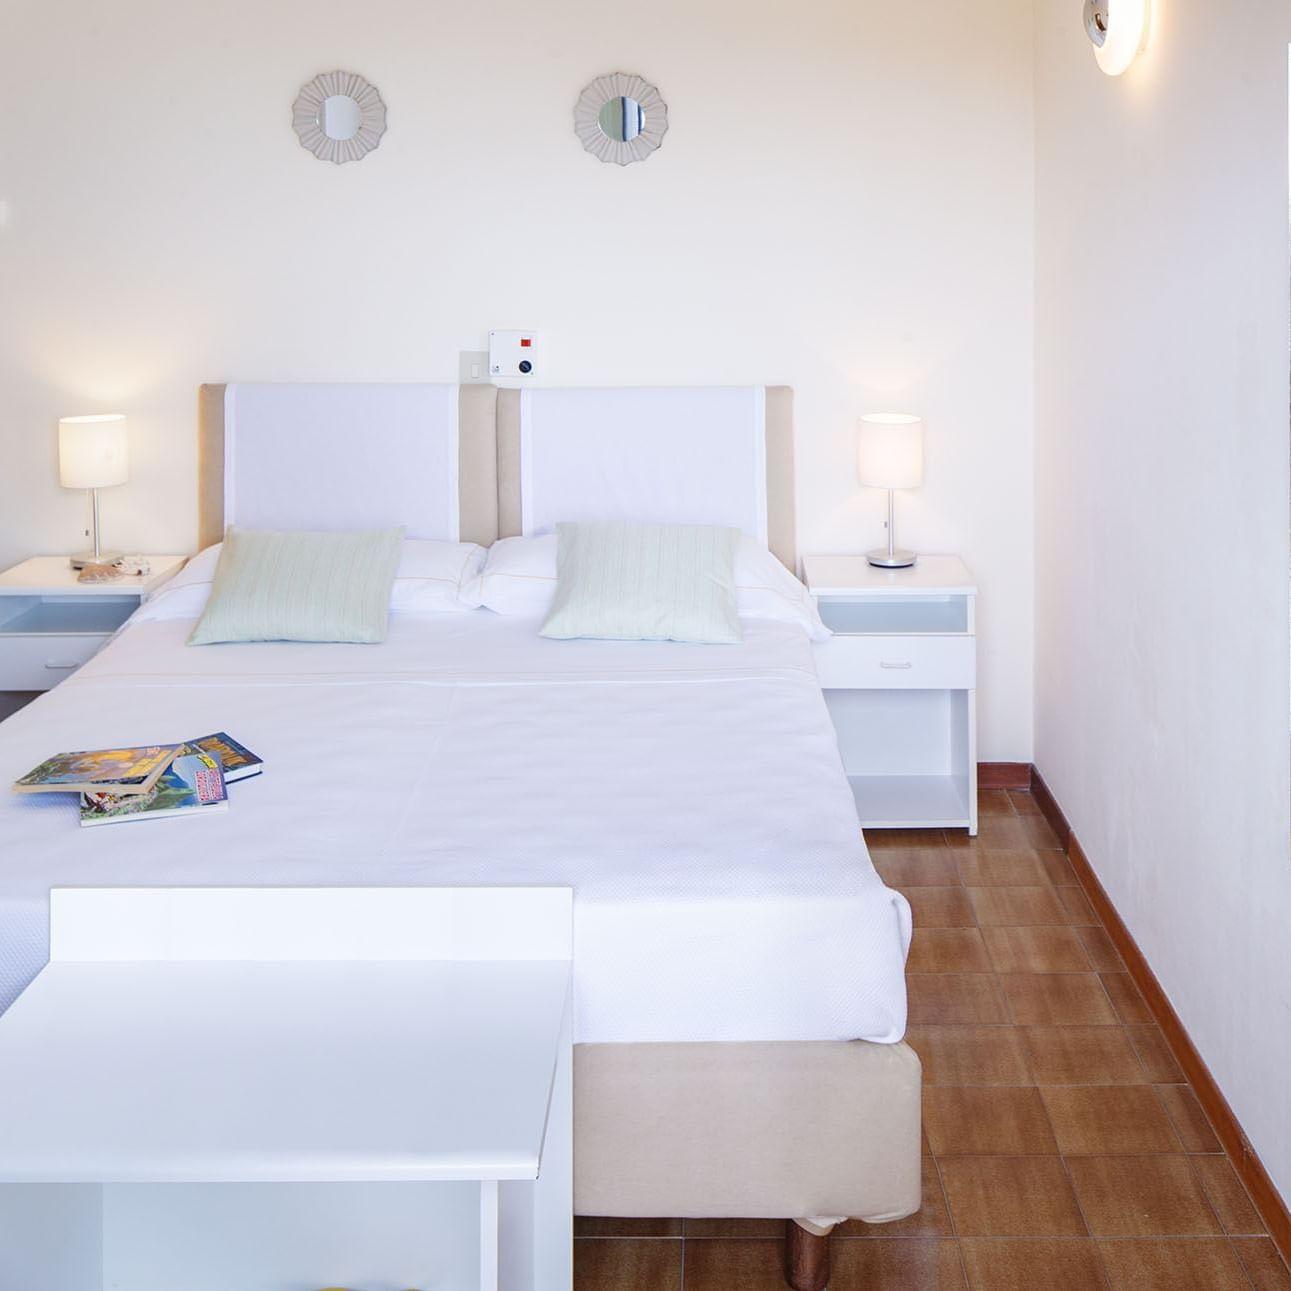 Conchiglia Standard Room